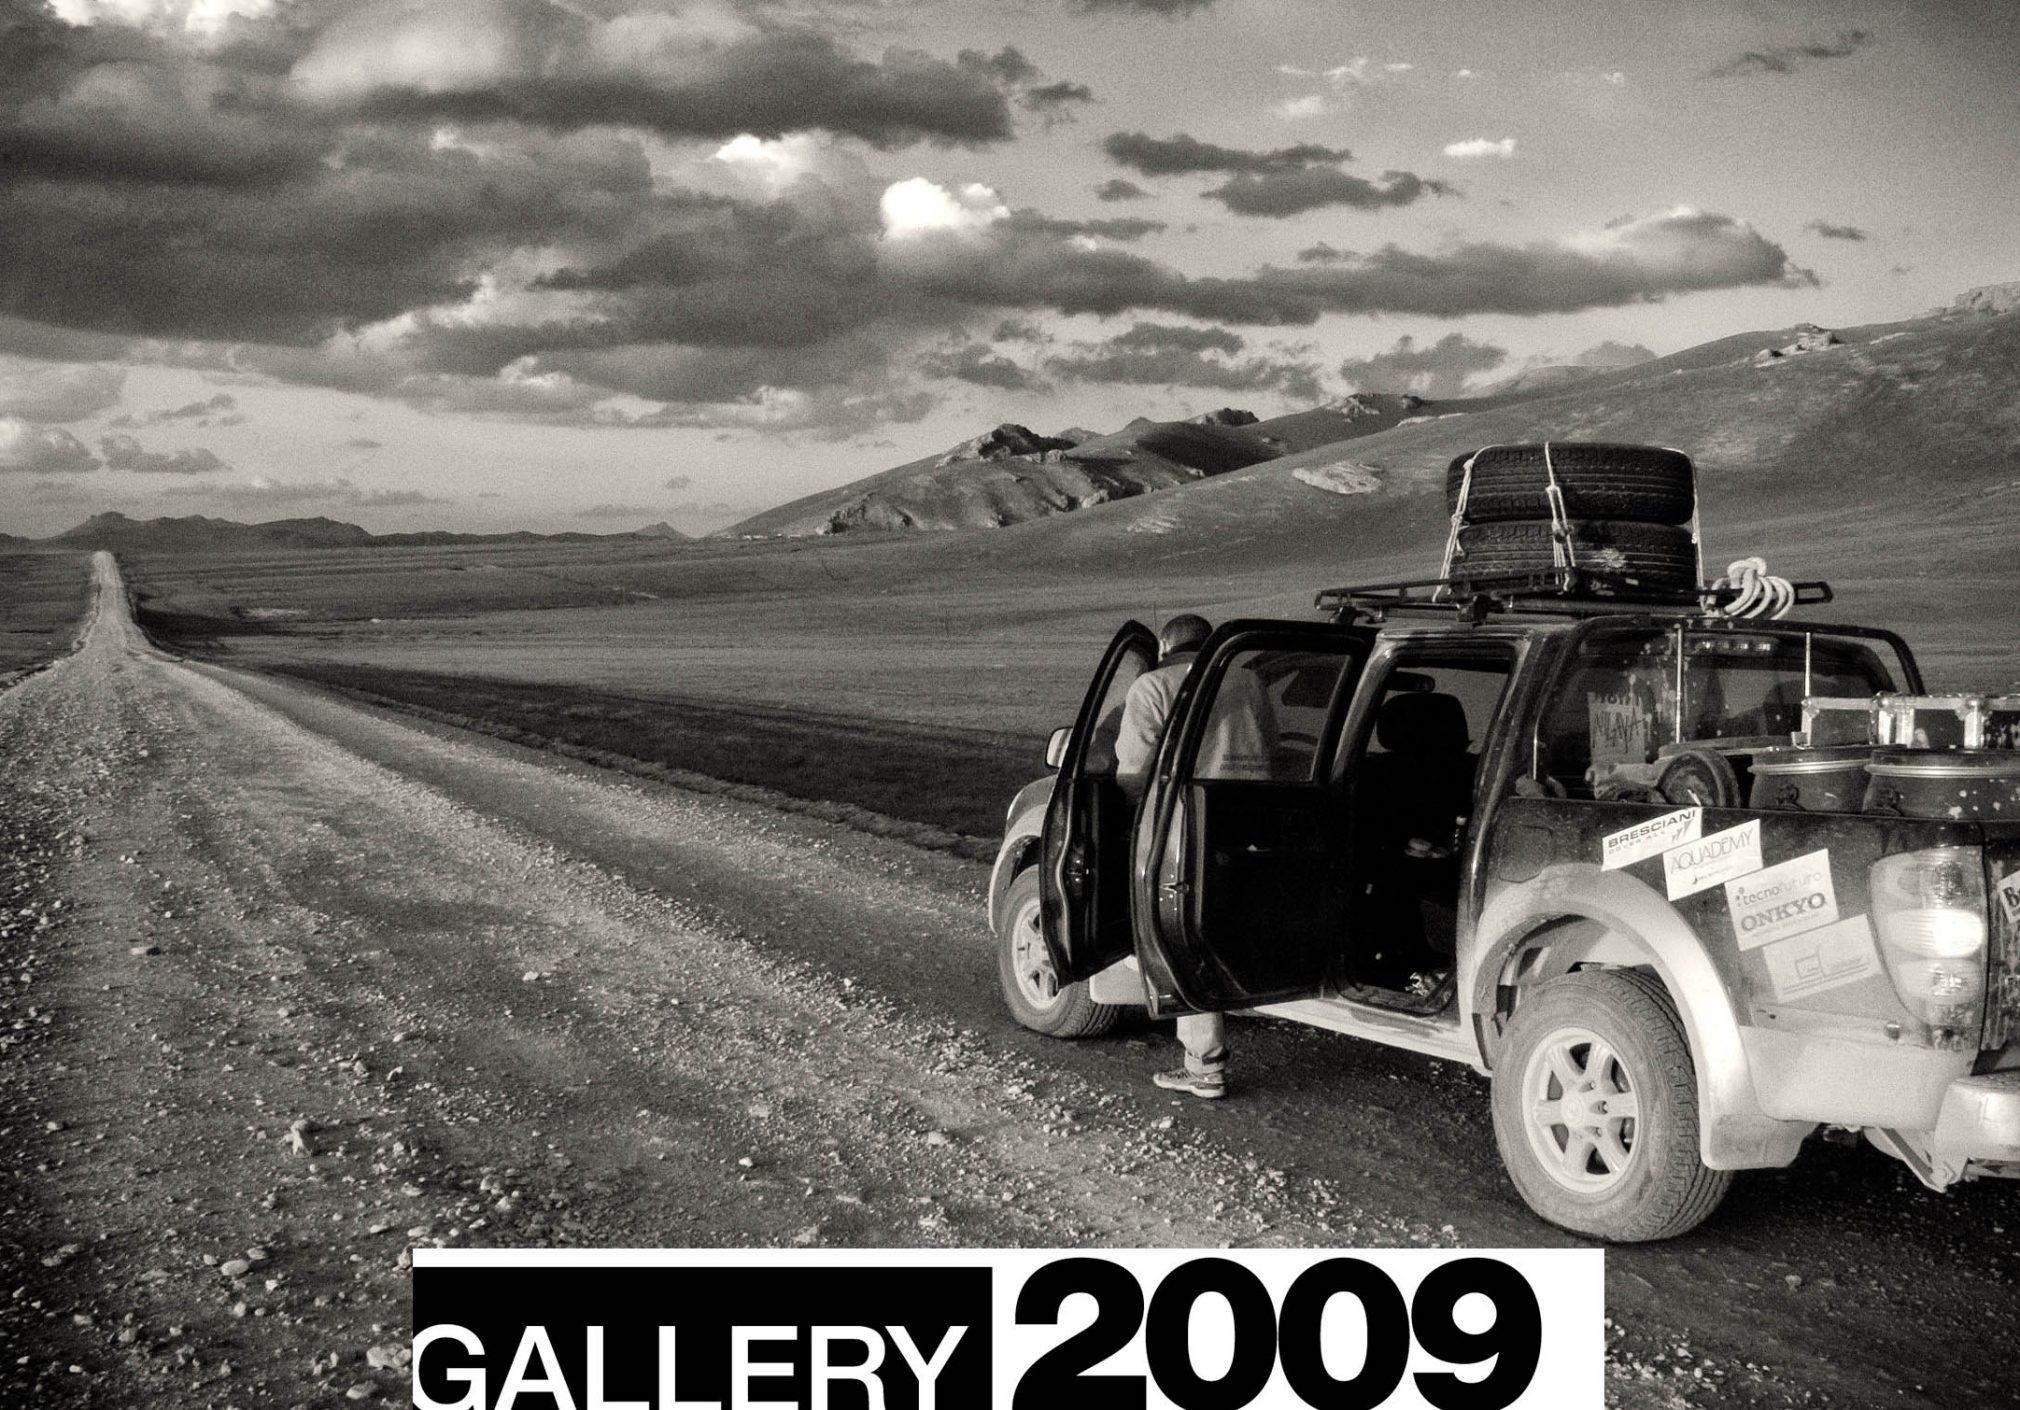 copertina2009ok